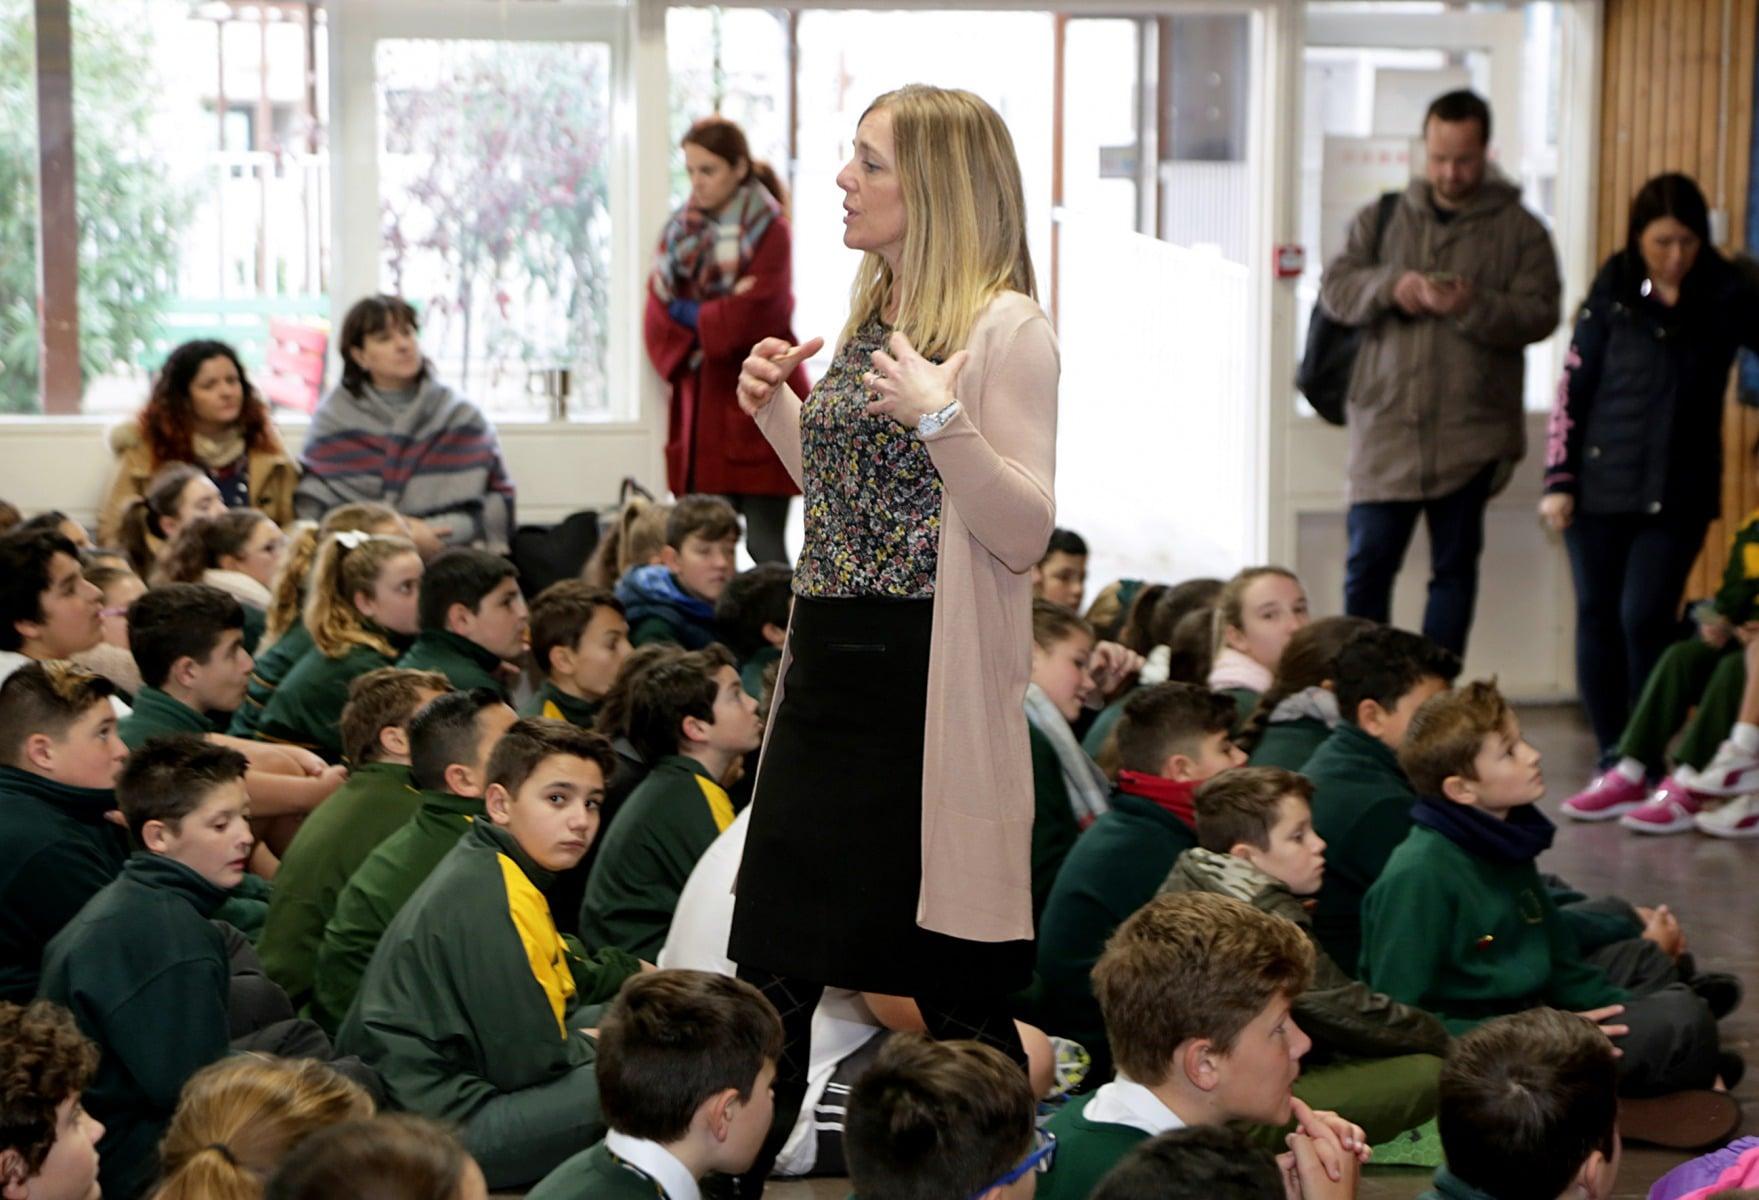 27-ene-17-alumnos-de-la-escuela-obispo-fitzgerald-de-gibraltar-conmemoran-el-holocausto_31742374873_o